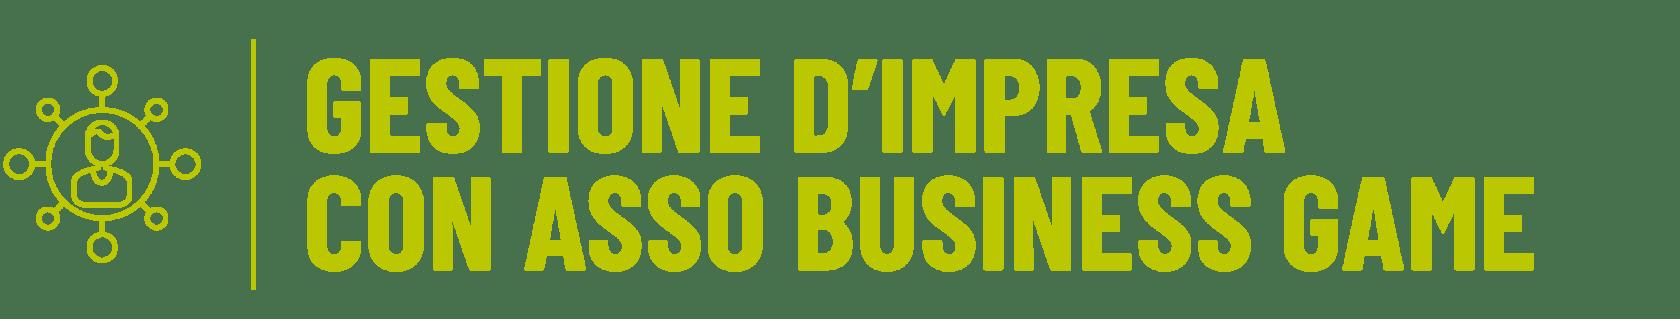 Header_Management_IN-Gestione-d'impresa-con-ASSO-BG